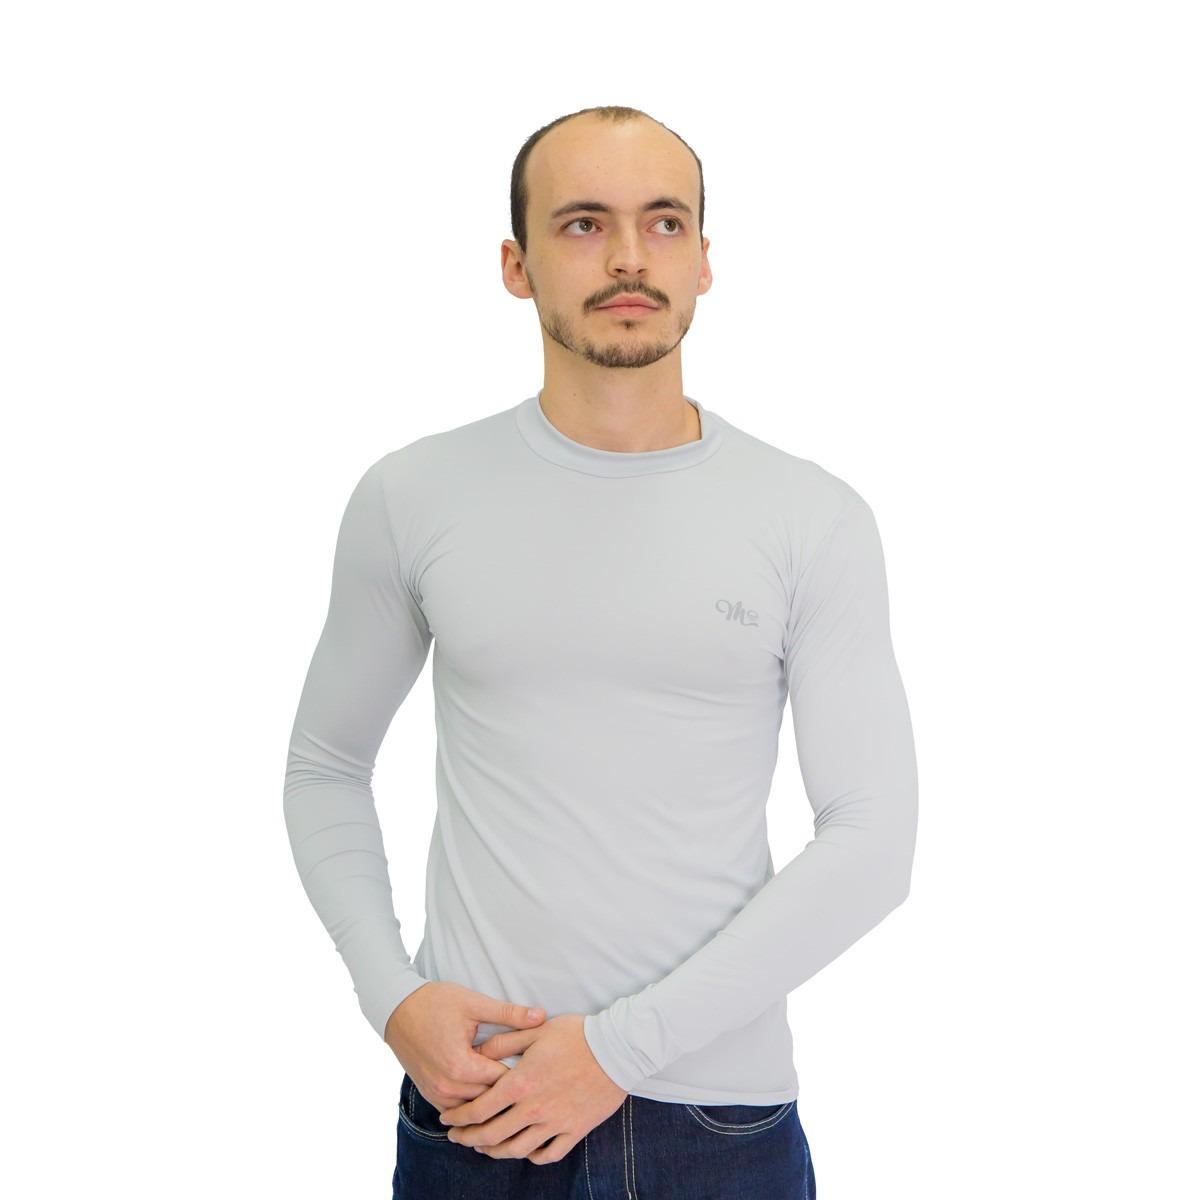 camiseta térmica masculina segunda pele - promoção. Carregando zoom. 7c9dc1de7eaf4